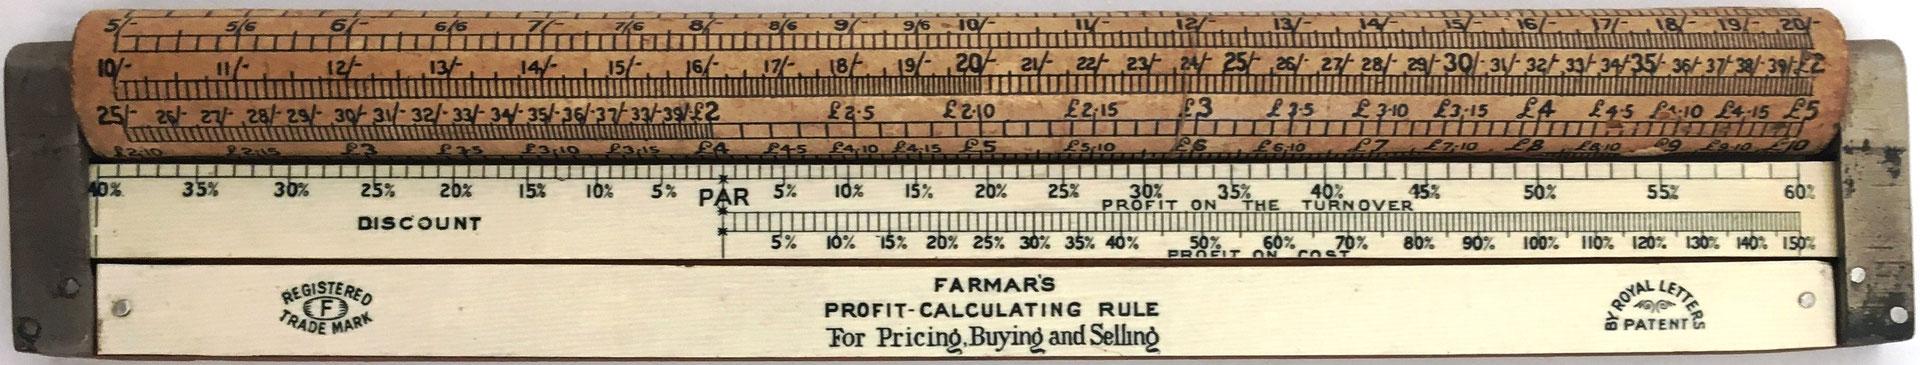 Regla de cálculo cilíndrica FARMAR'S Profit-Calculating Rule (combinada con una regla lineal), hacia 1912, 24.5x5 cm